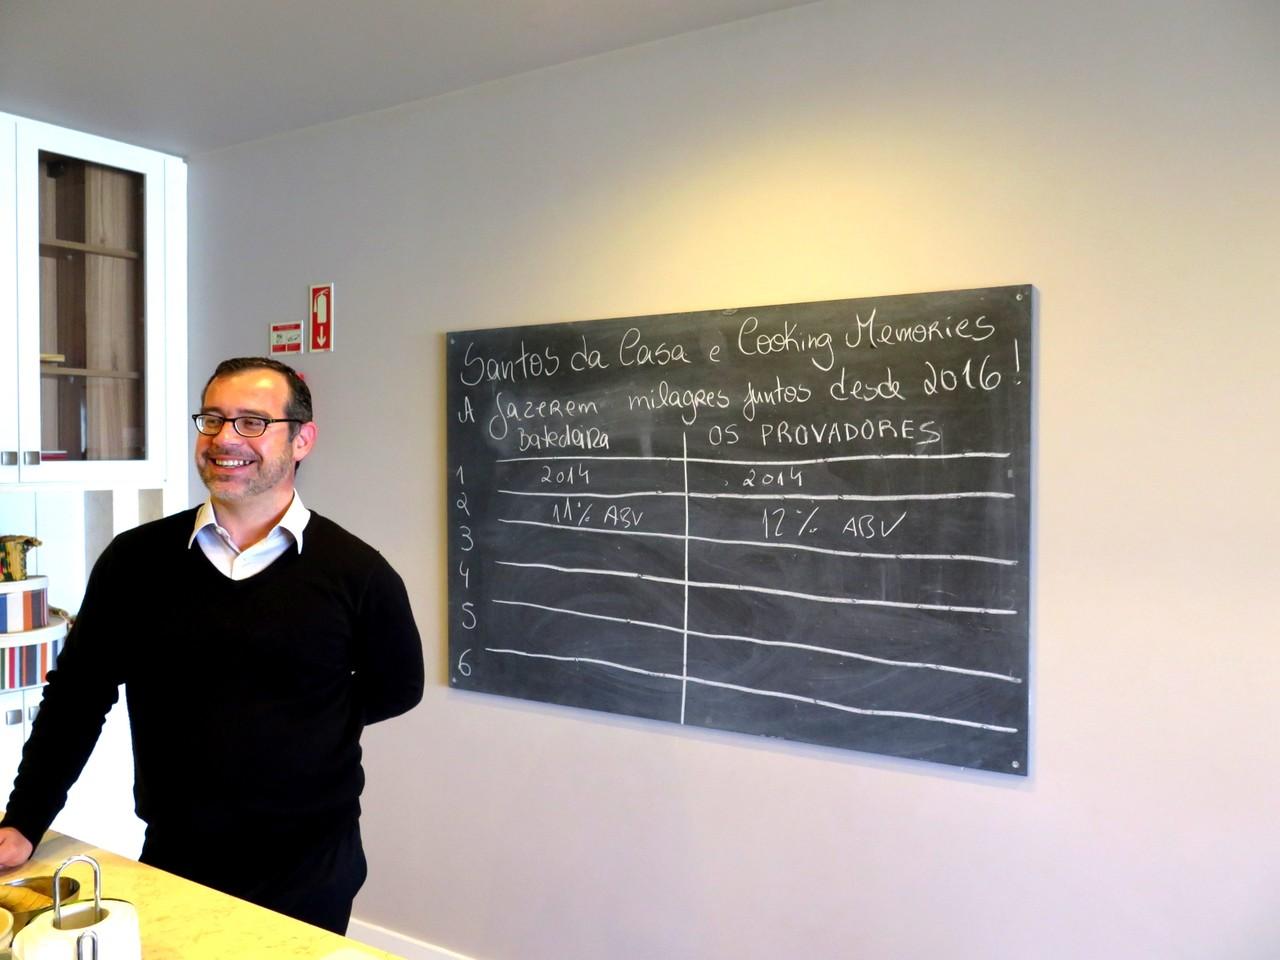 Manuel Moreira entusiasmado com a prova cega